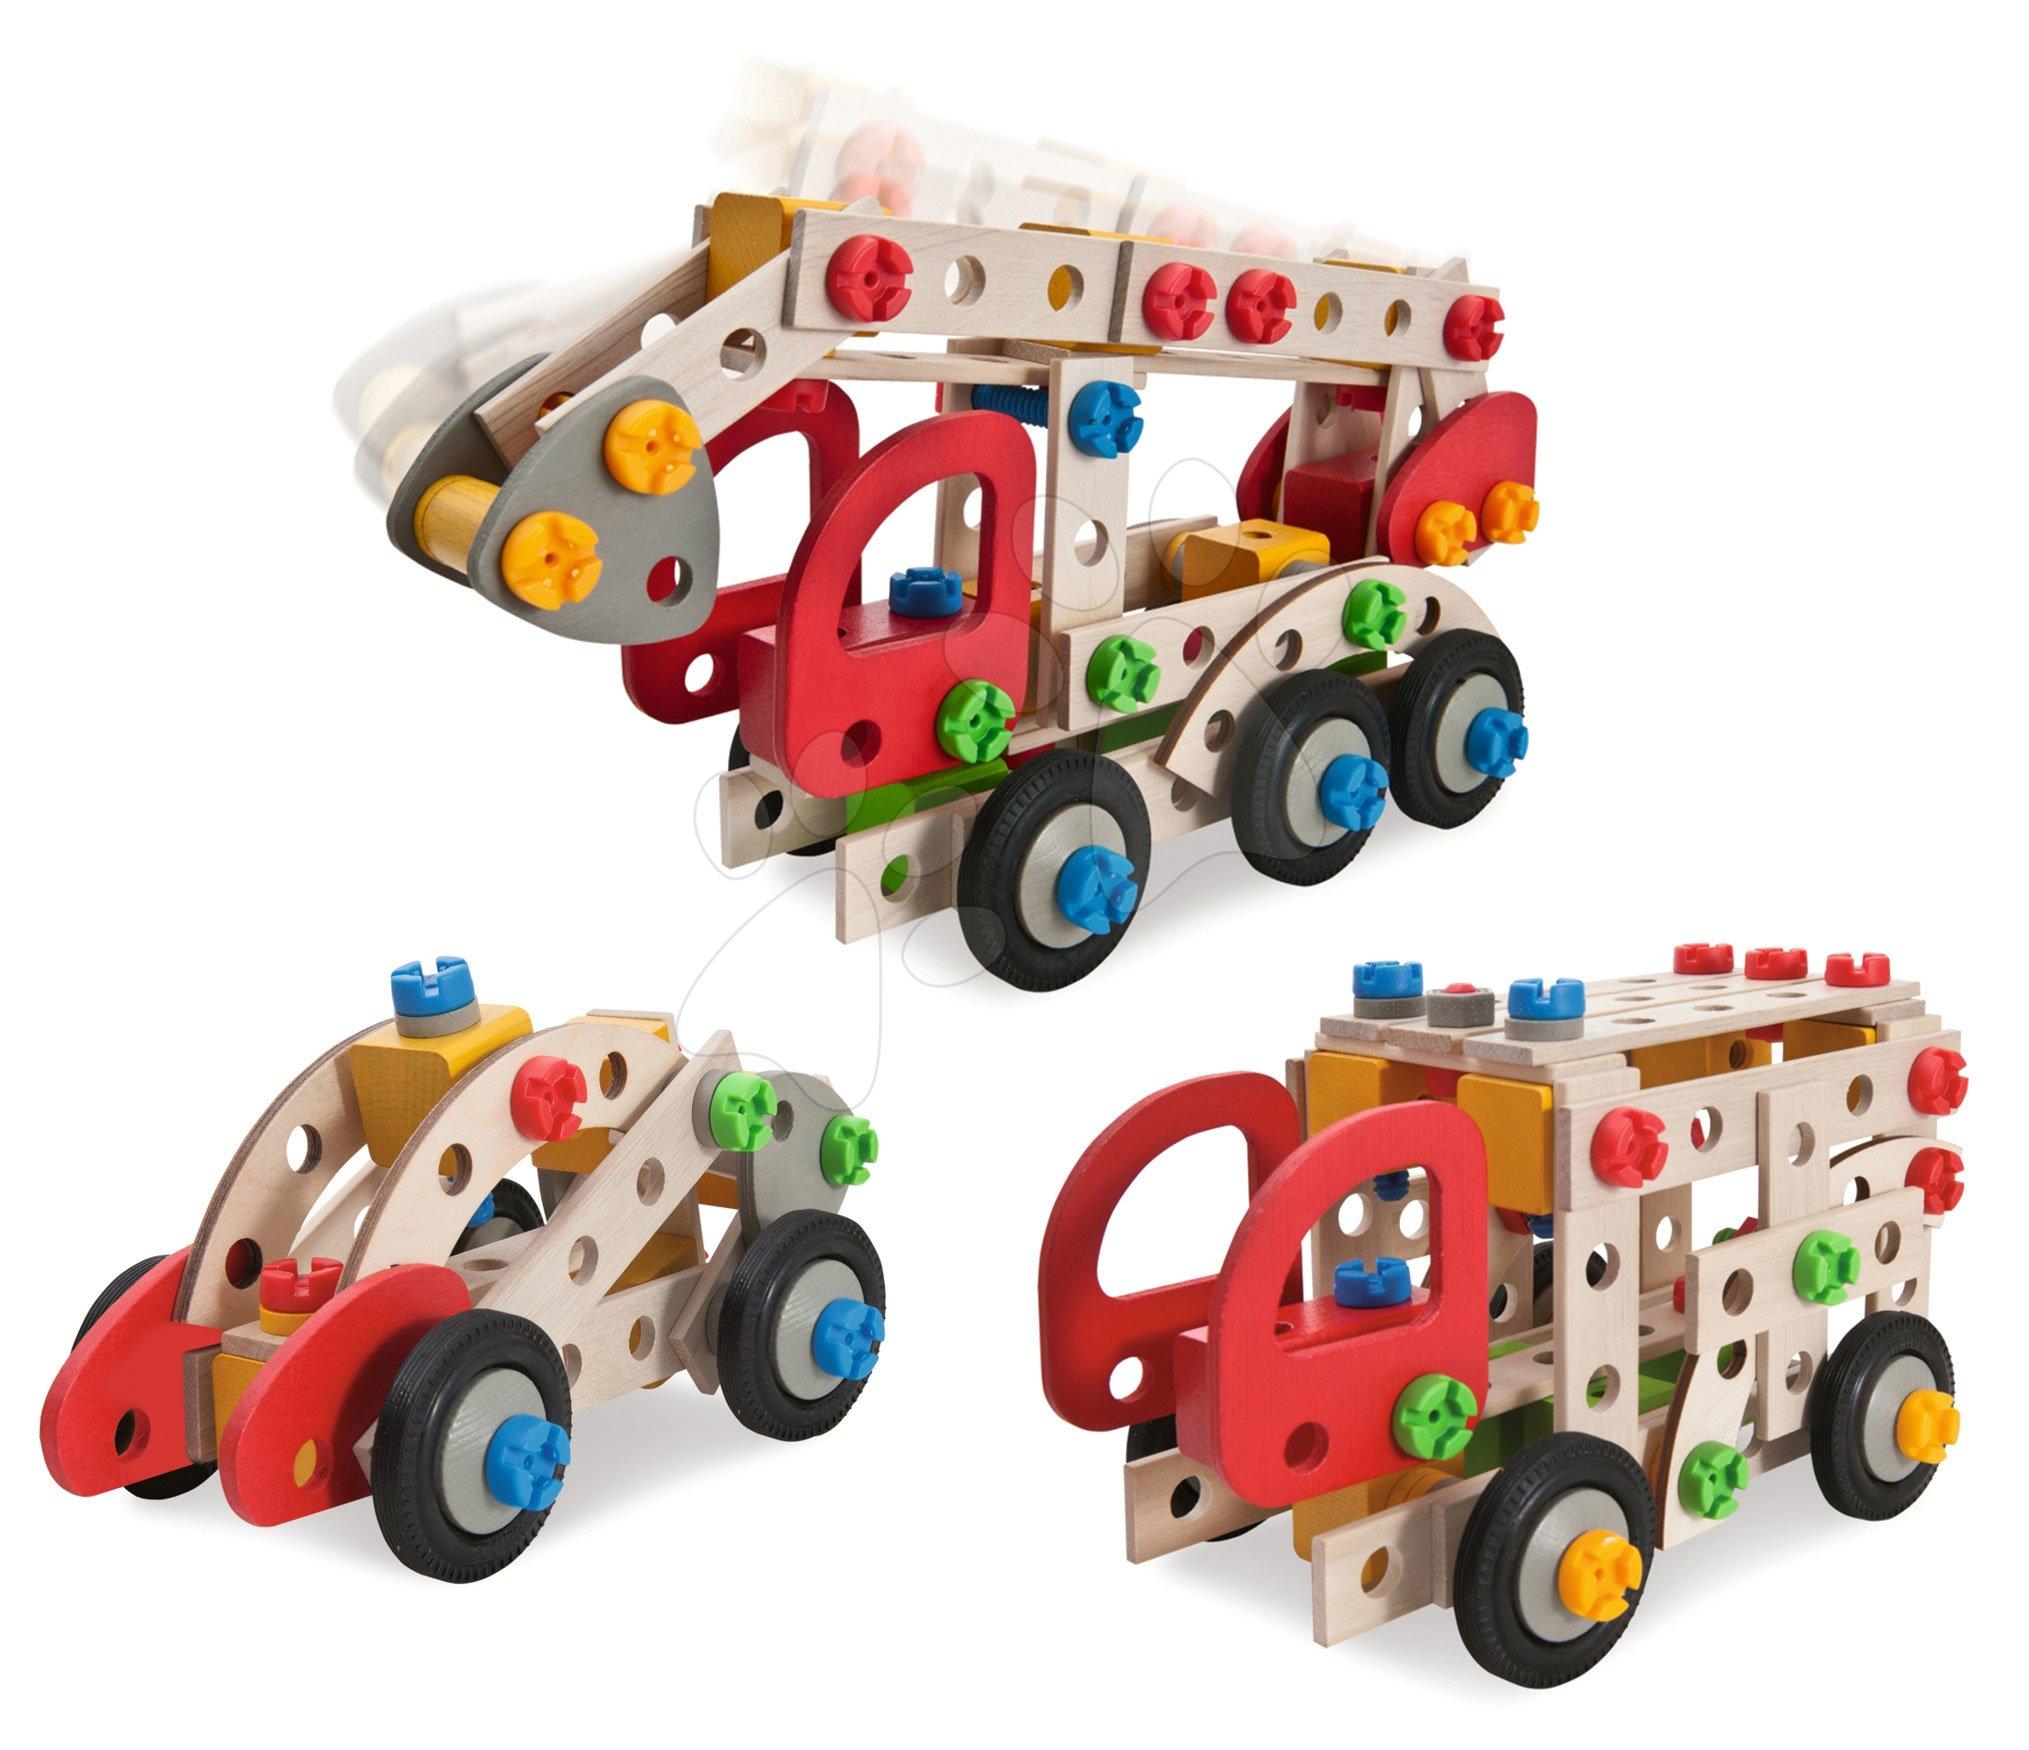 Joc de construit din lemn mașină de pompieri Constructor Fire Truck Eichhorn trei modele (mașină de pompieri, ambulanța, poliția) 155 piese de la 5 ani